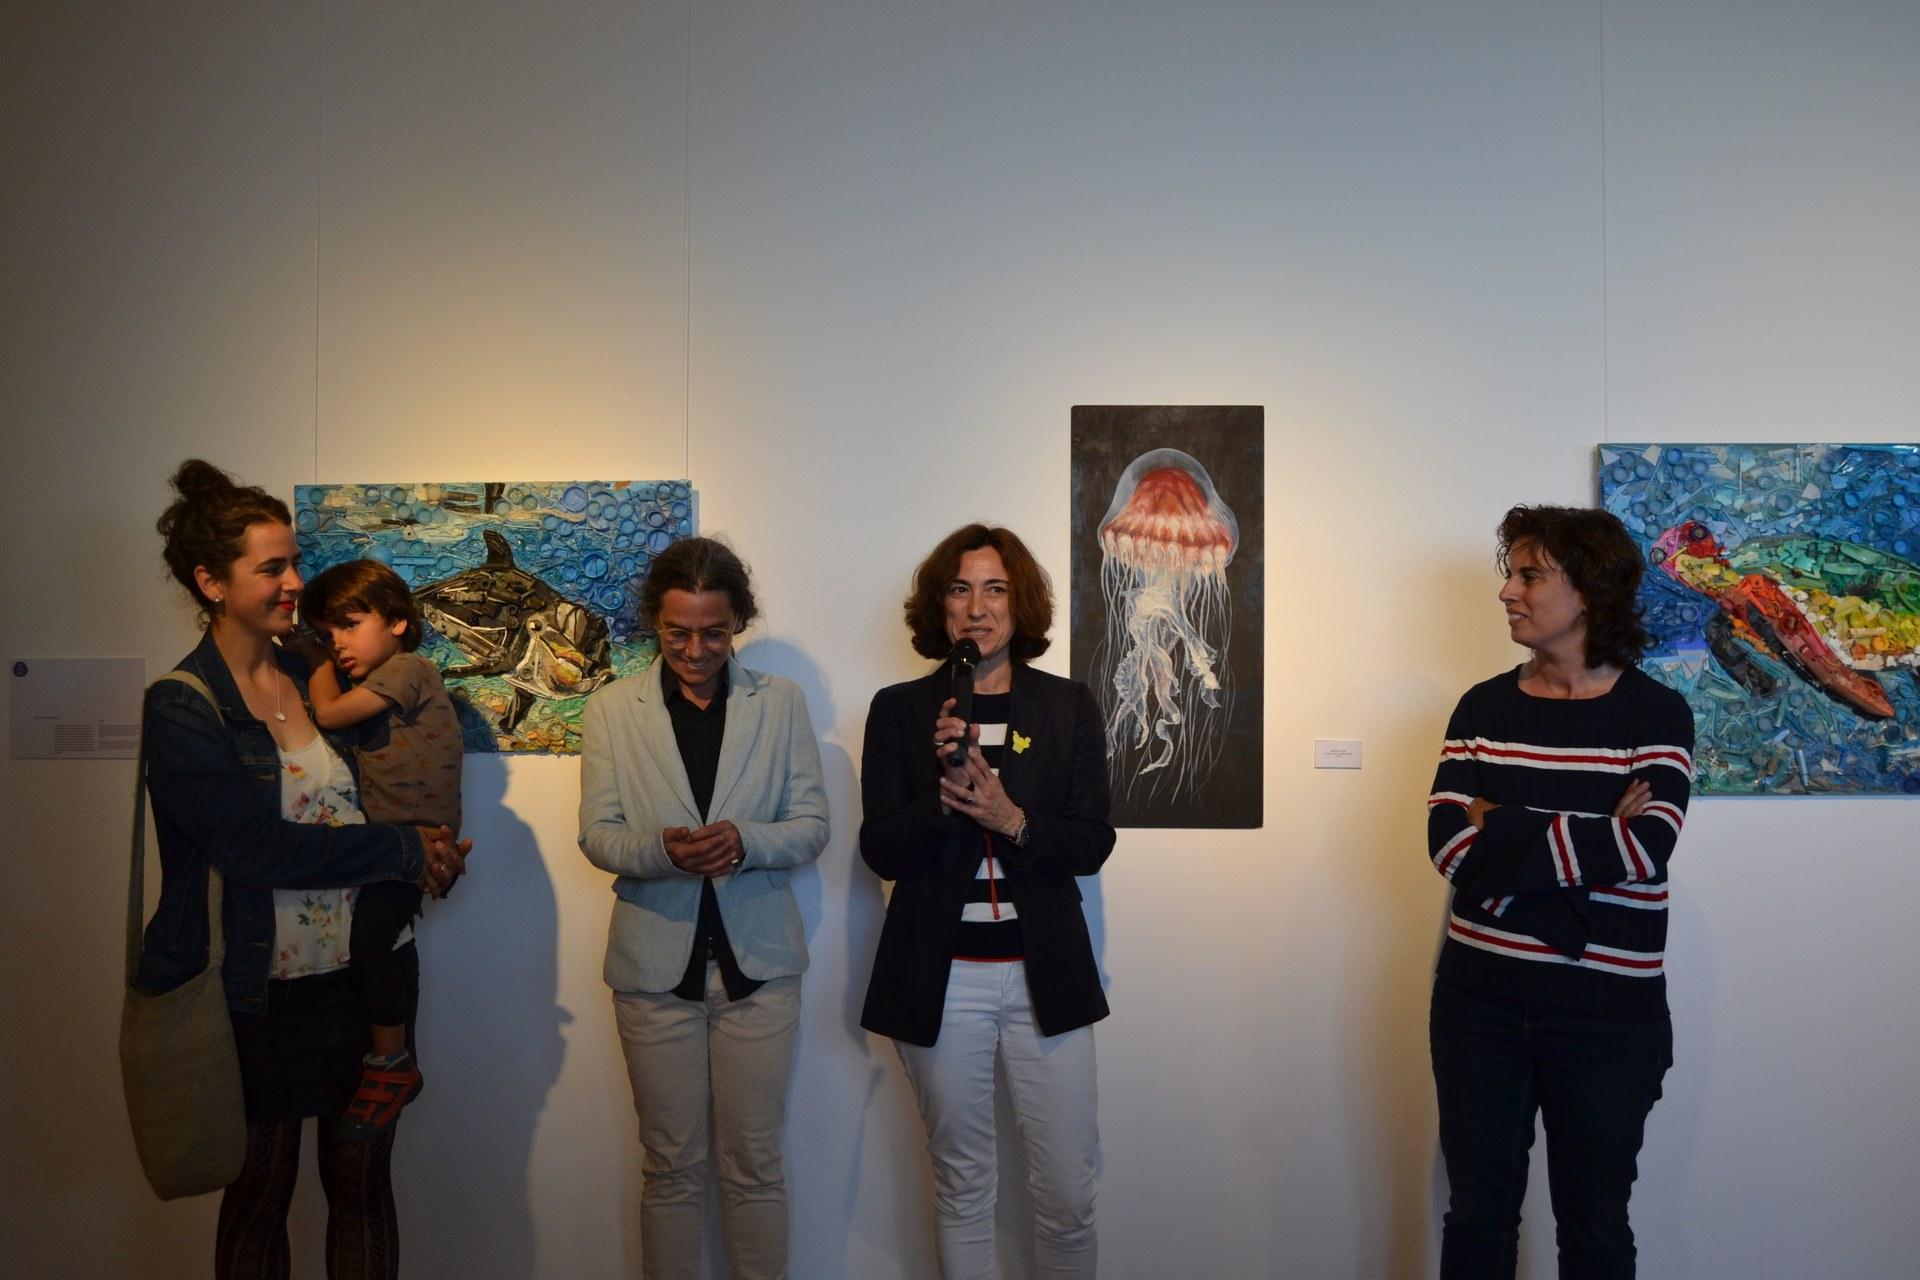 La inauguració de l'exposició col·lectiva d'art responsable dona el tret de sortida al Festival Sitges ReciclArt 2019